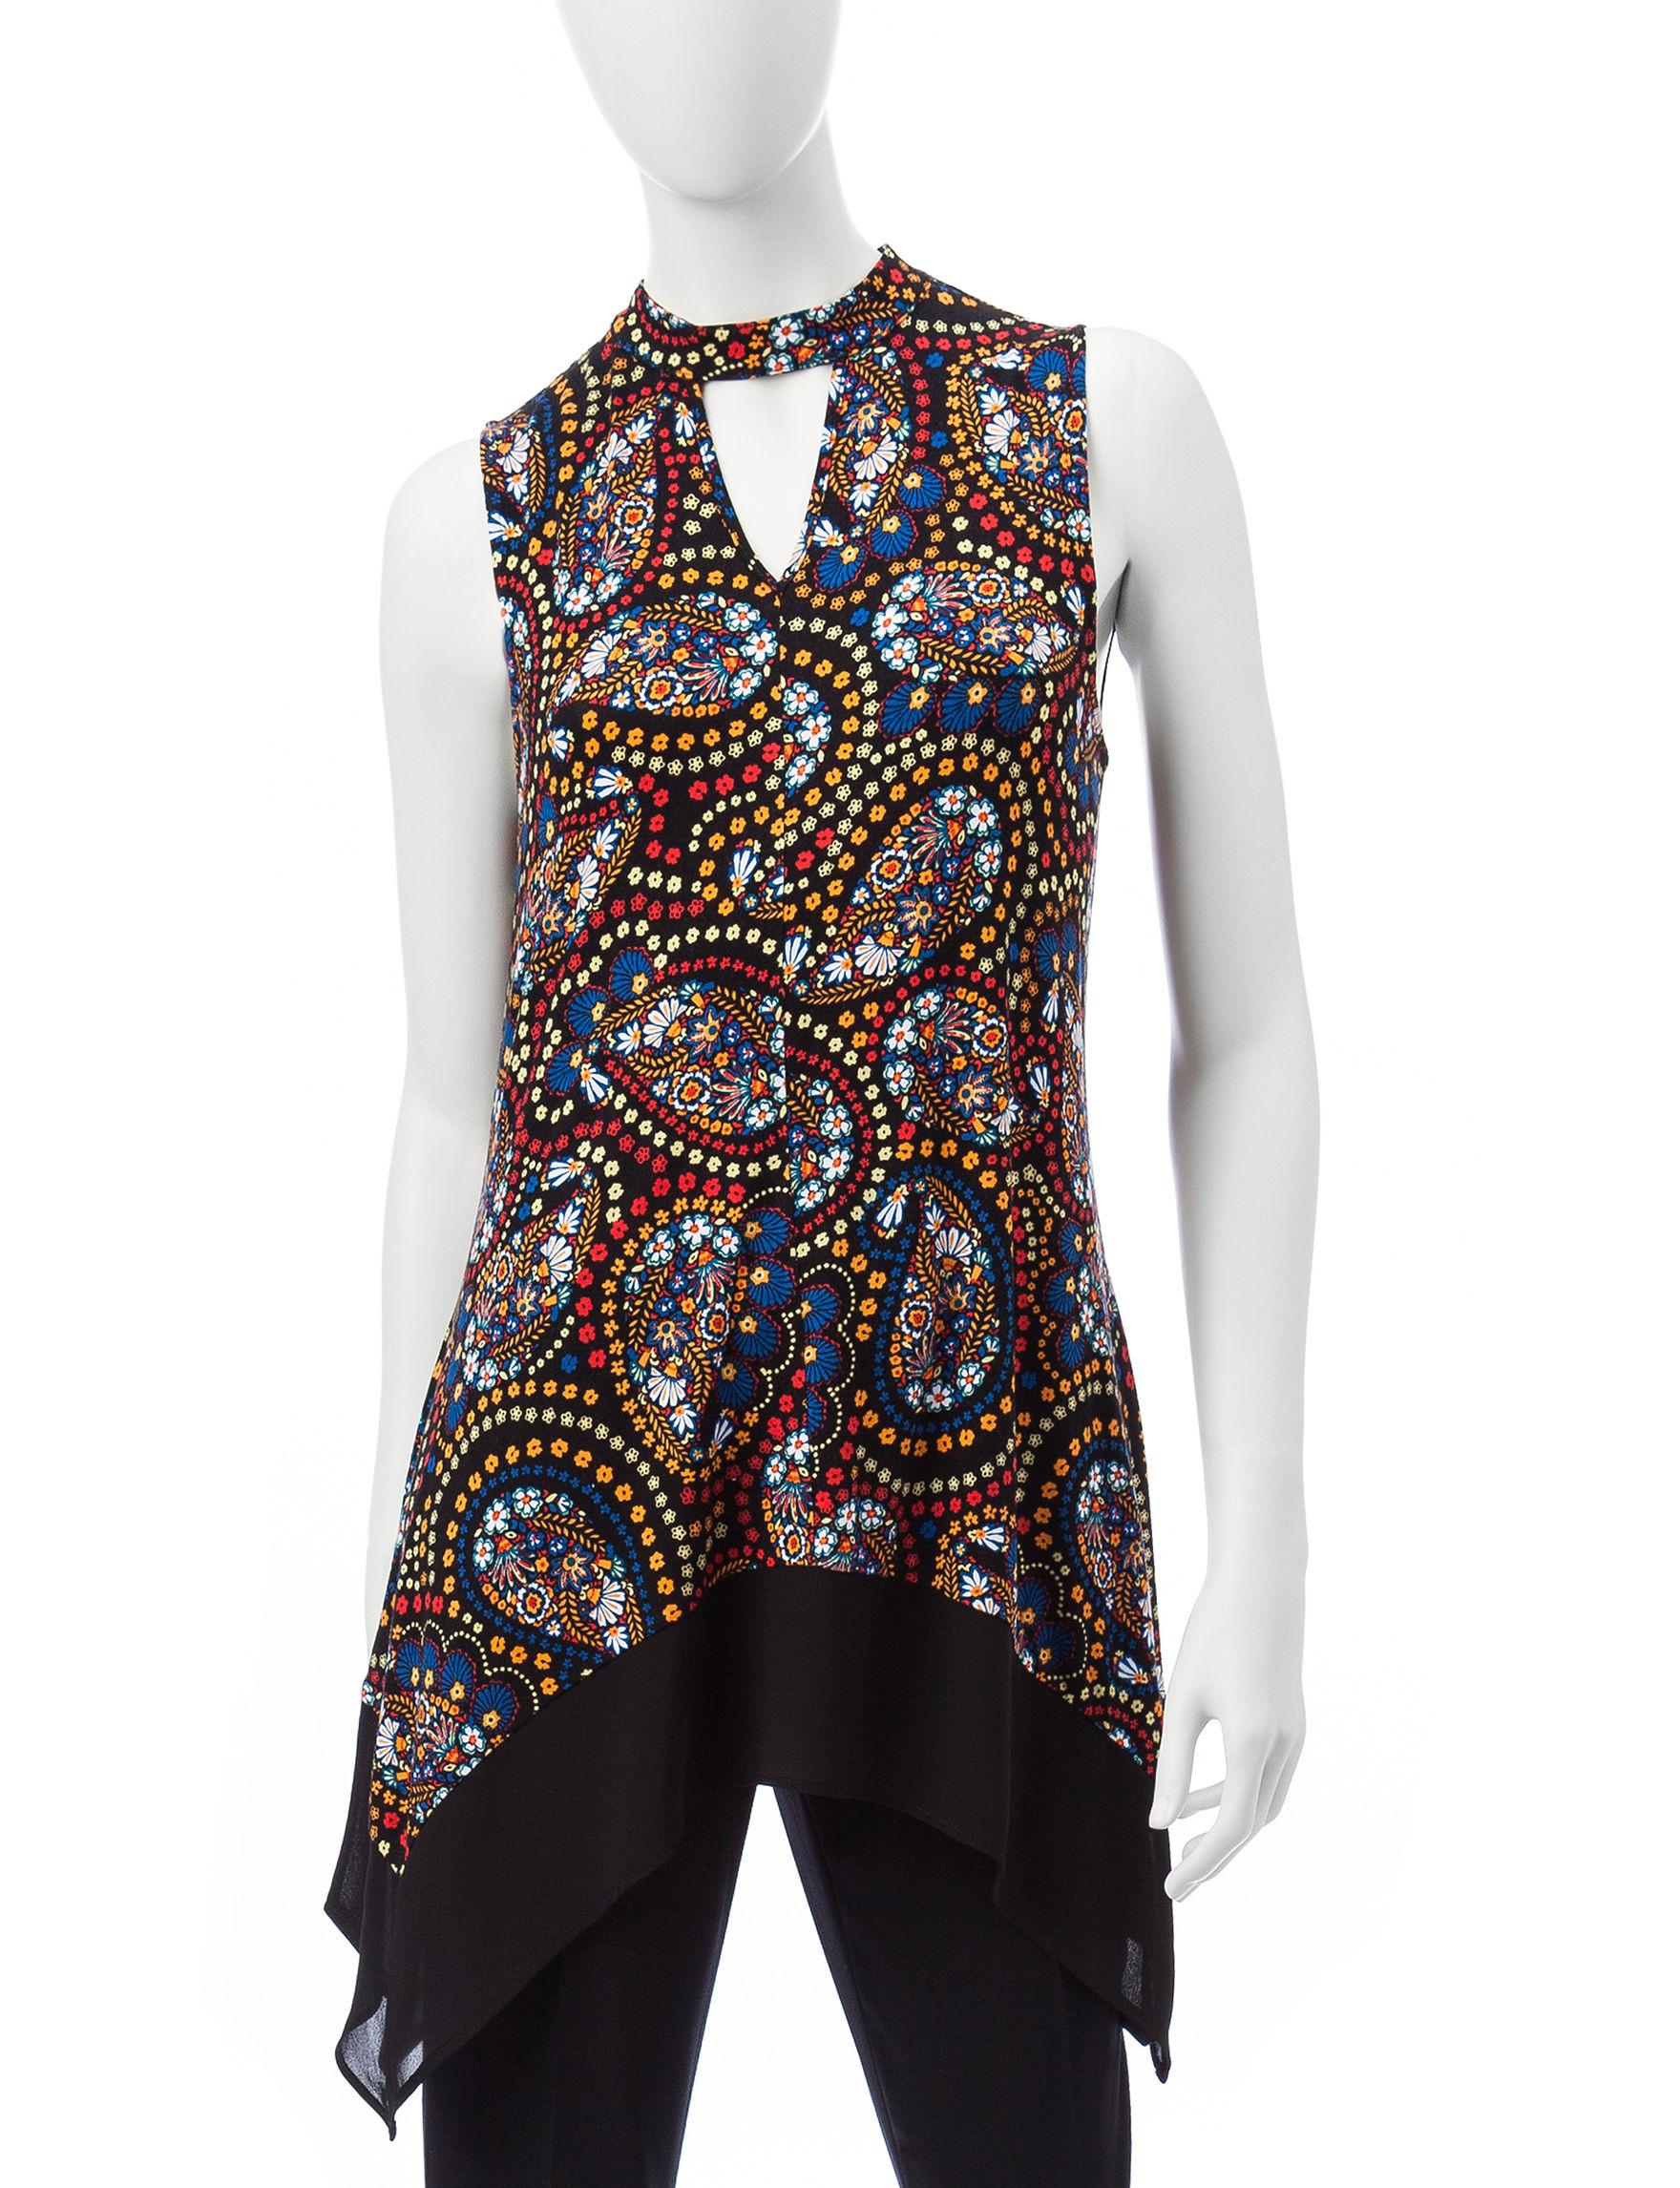 Valerie Stevens Paisley Pull-overs Shirts & Blouses